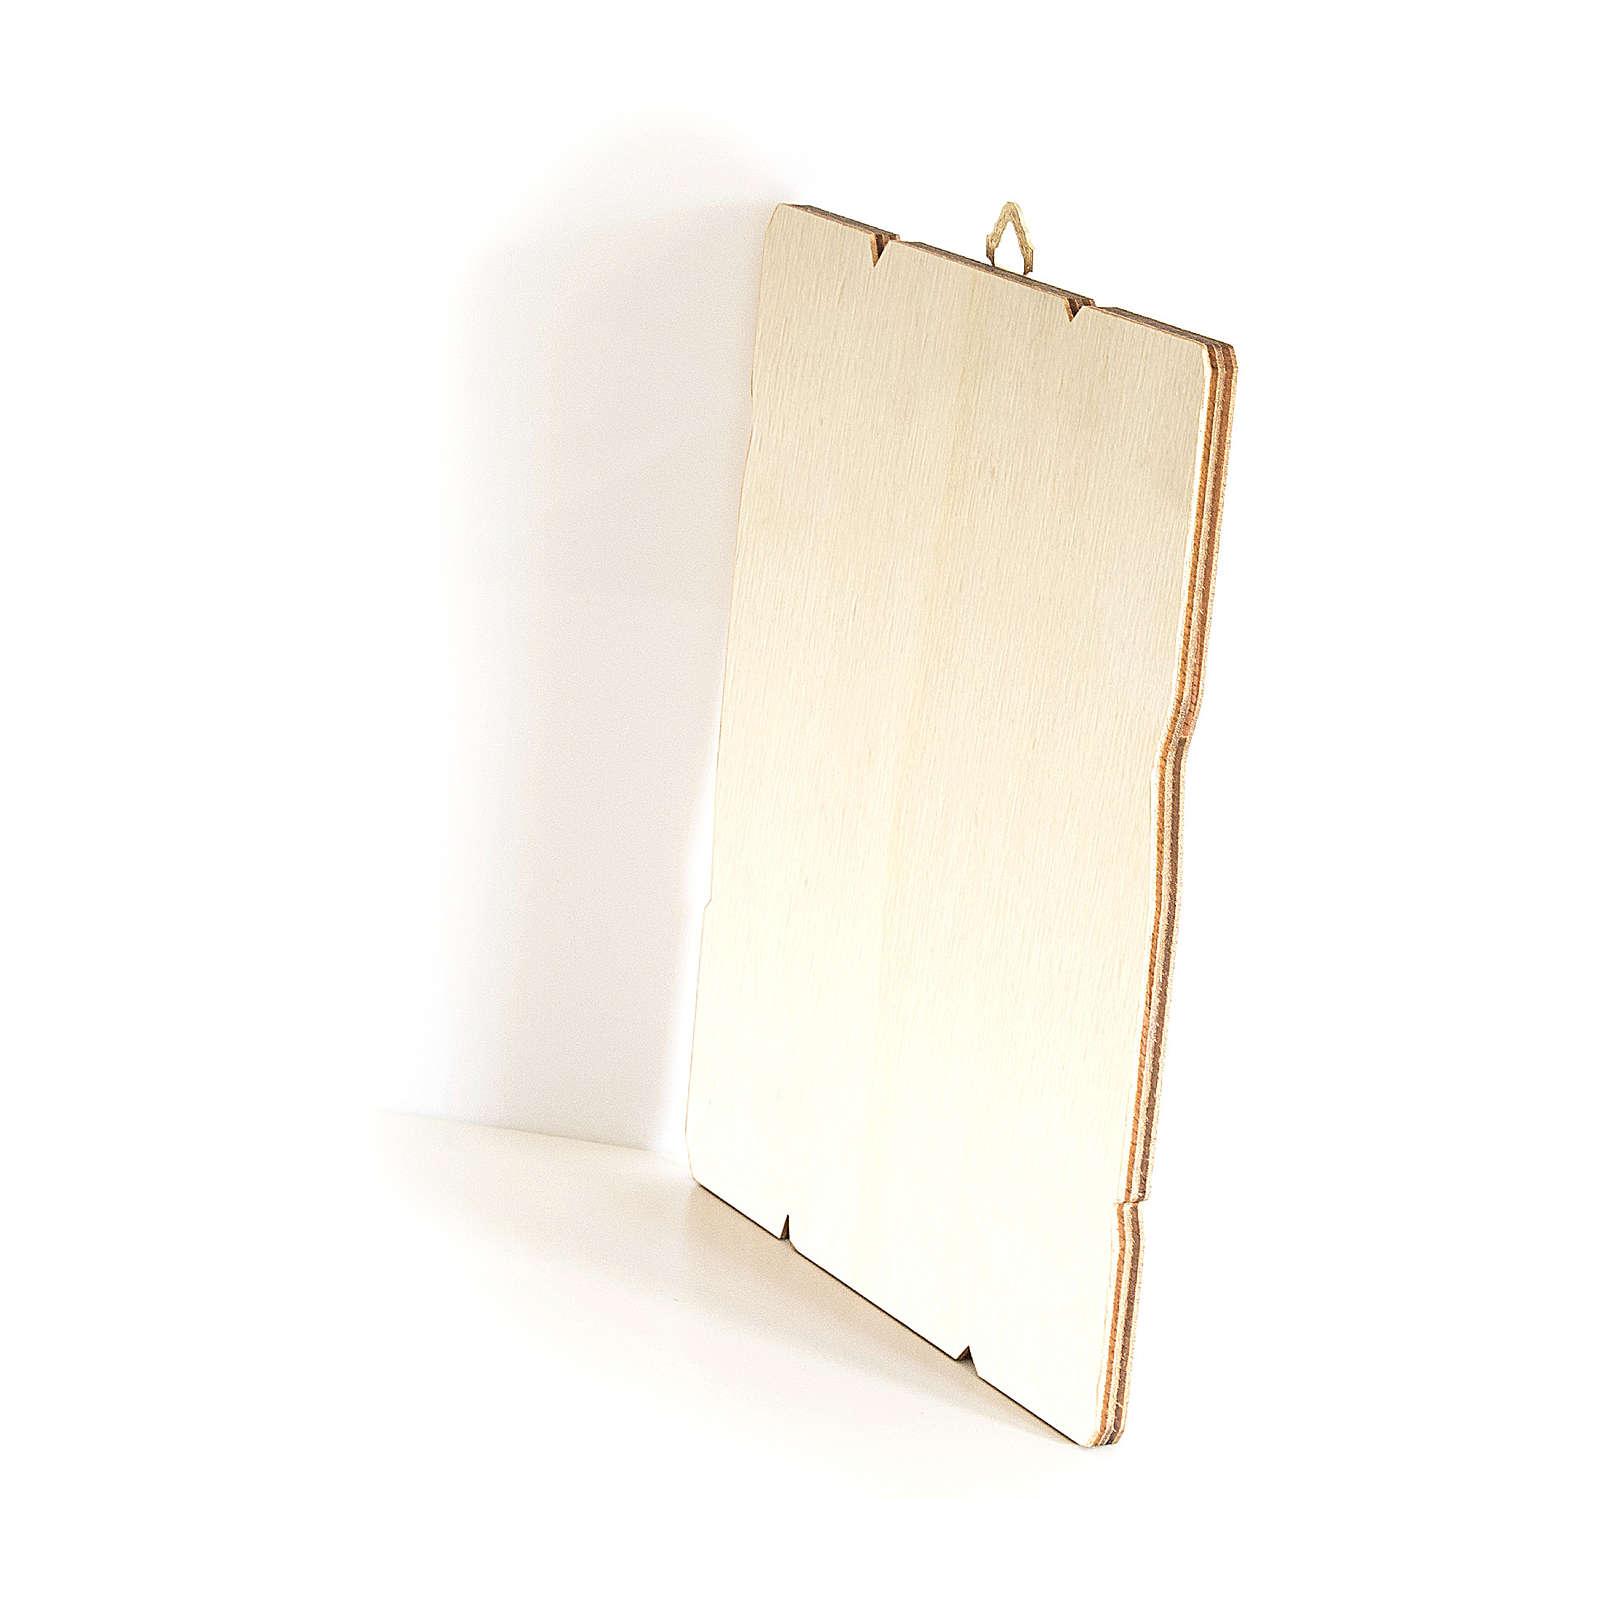 Cadre en bois profilé crochet arrière Ste Agathe 35x30 cm 3